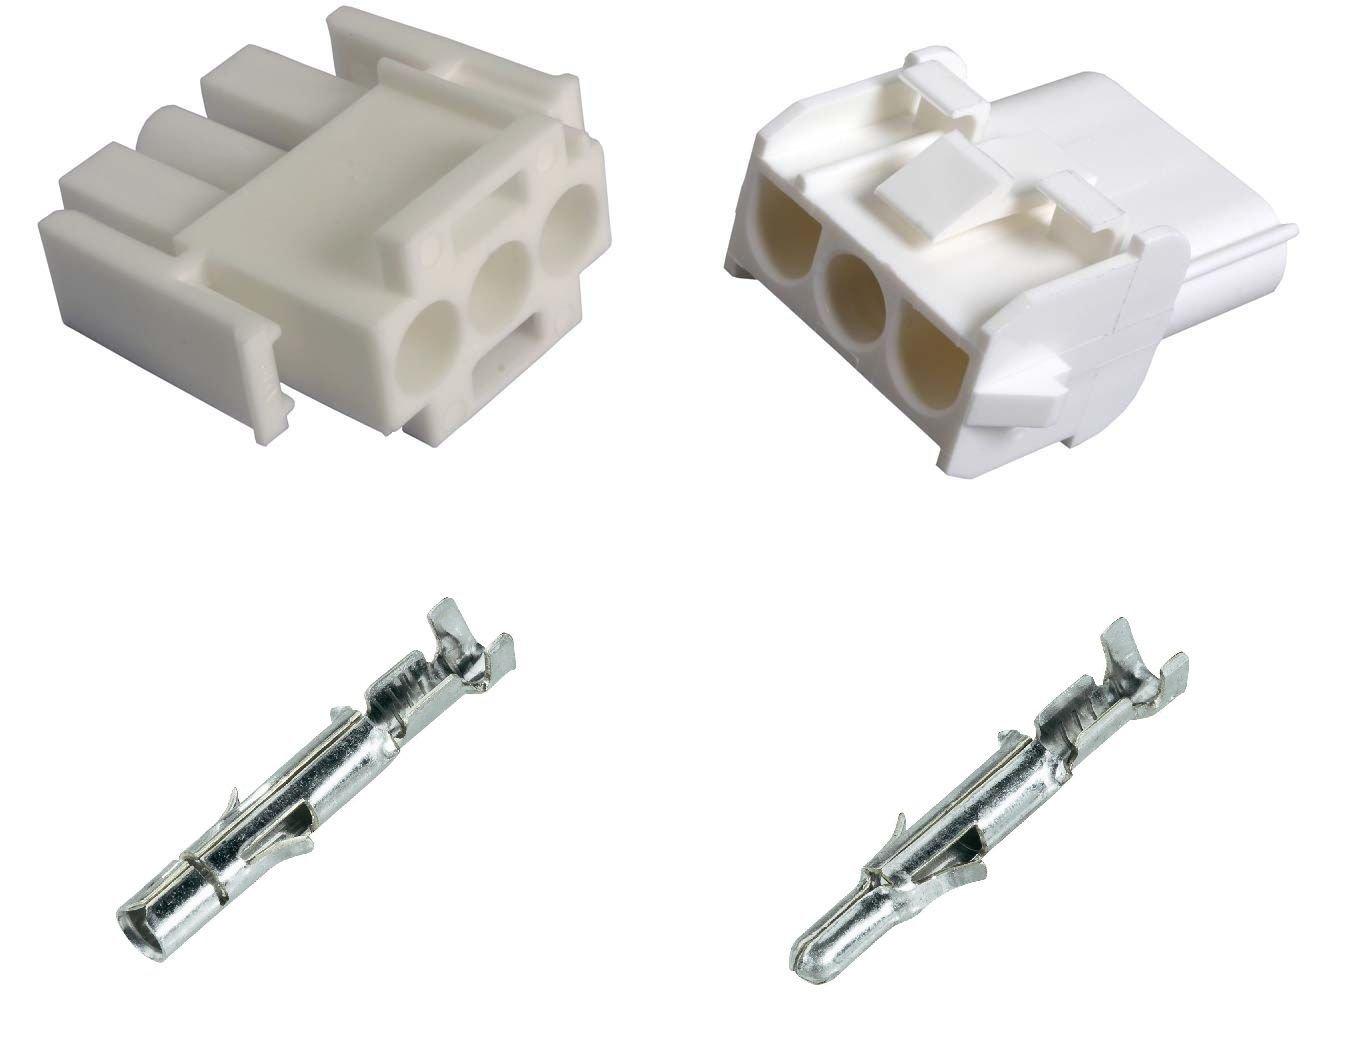 Kit Connecteur et terminale Tyco Universal Mate N Lok m/âle femelle 4/voies